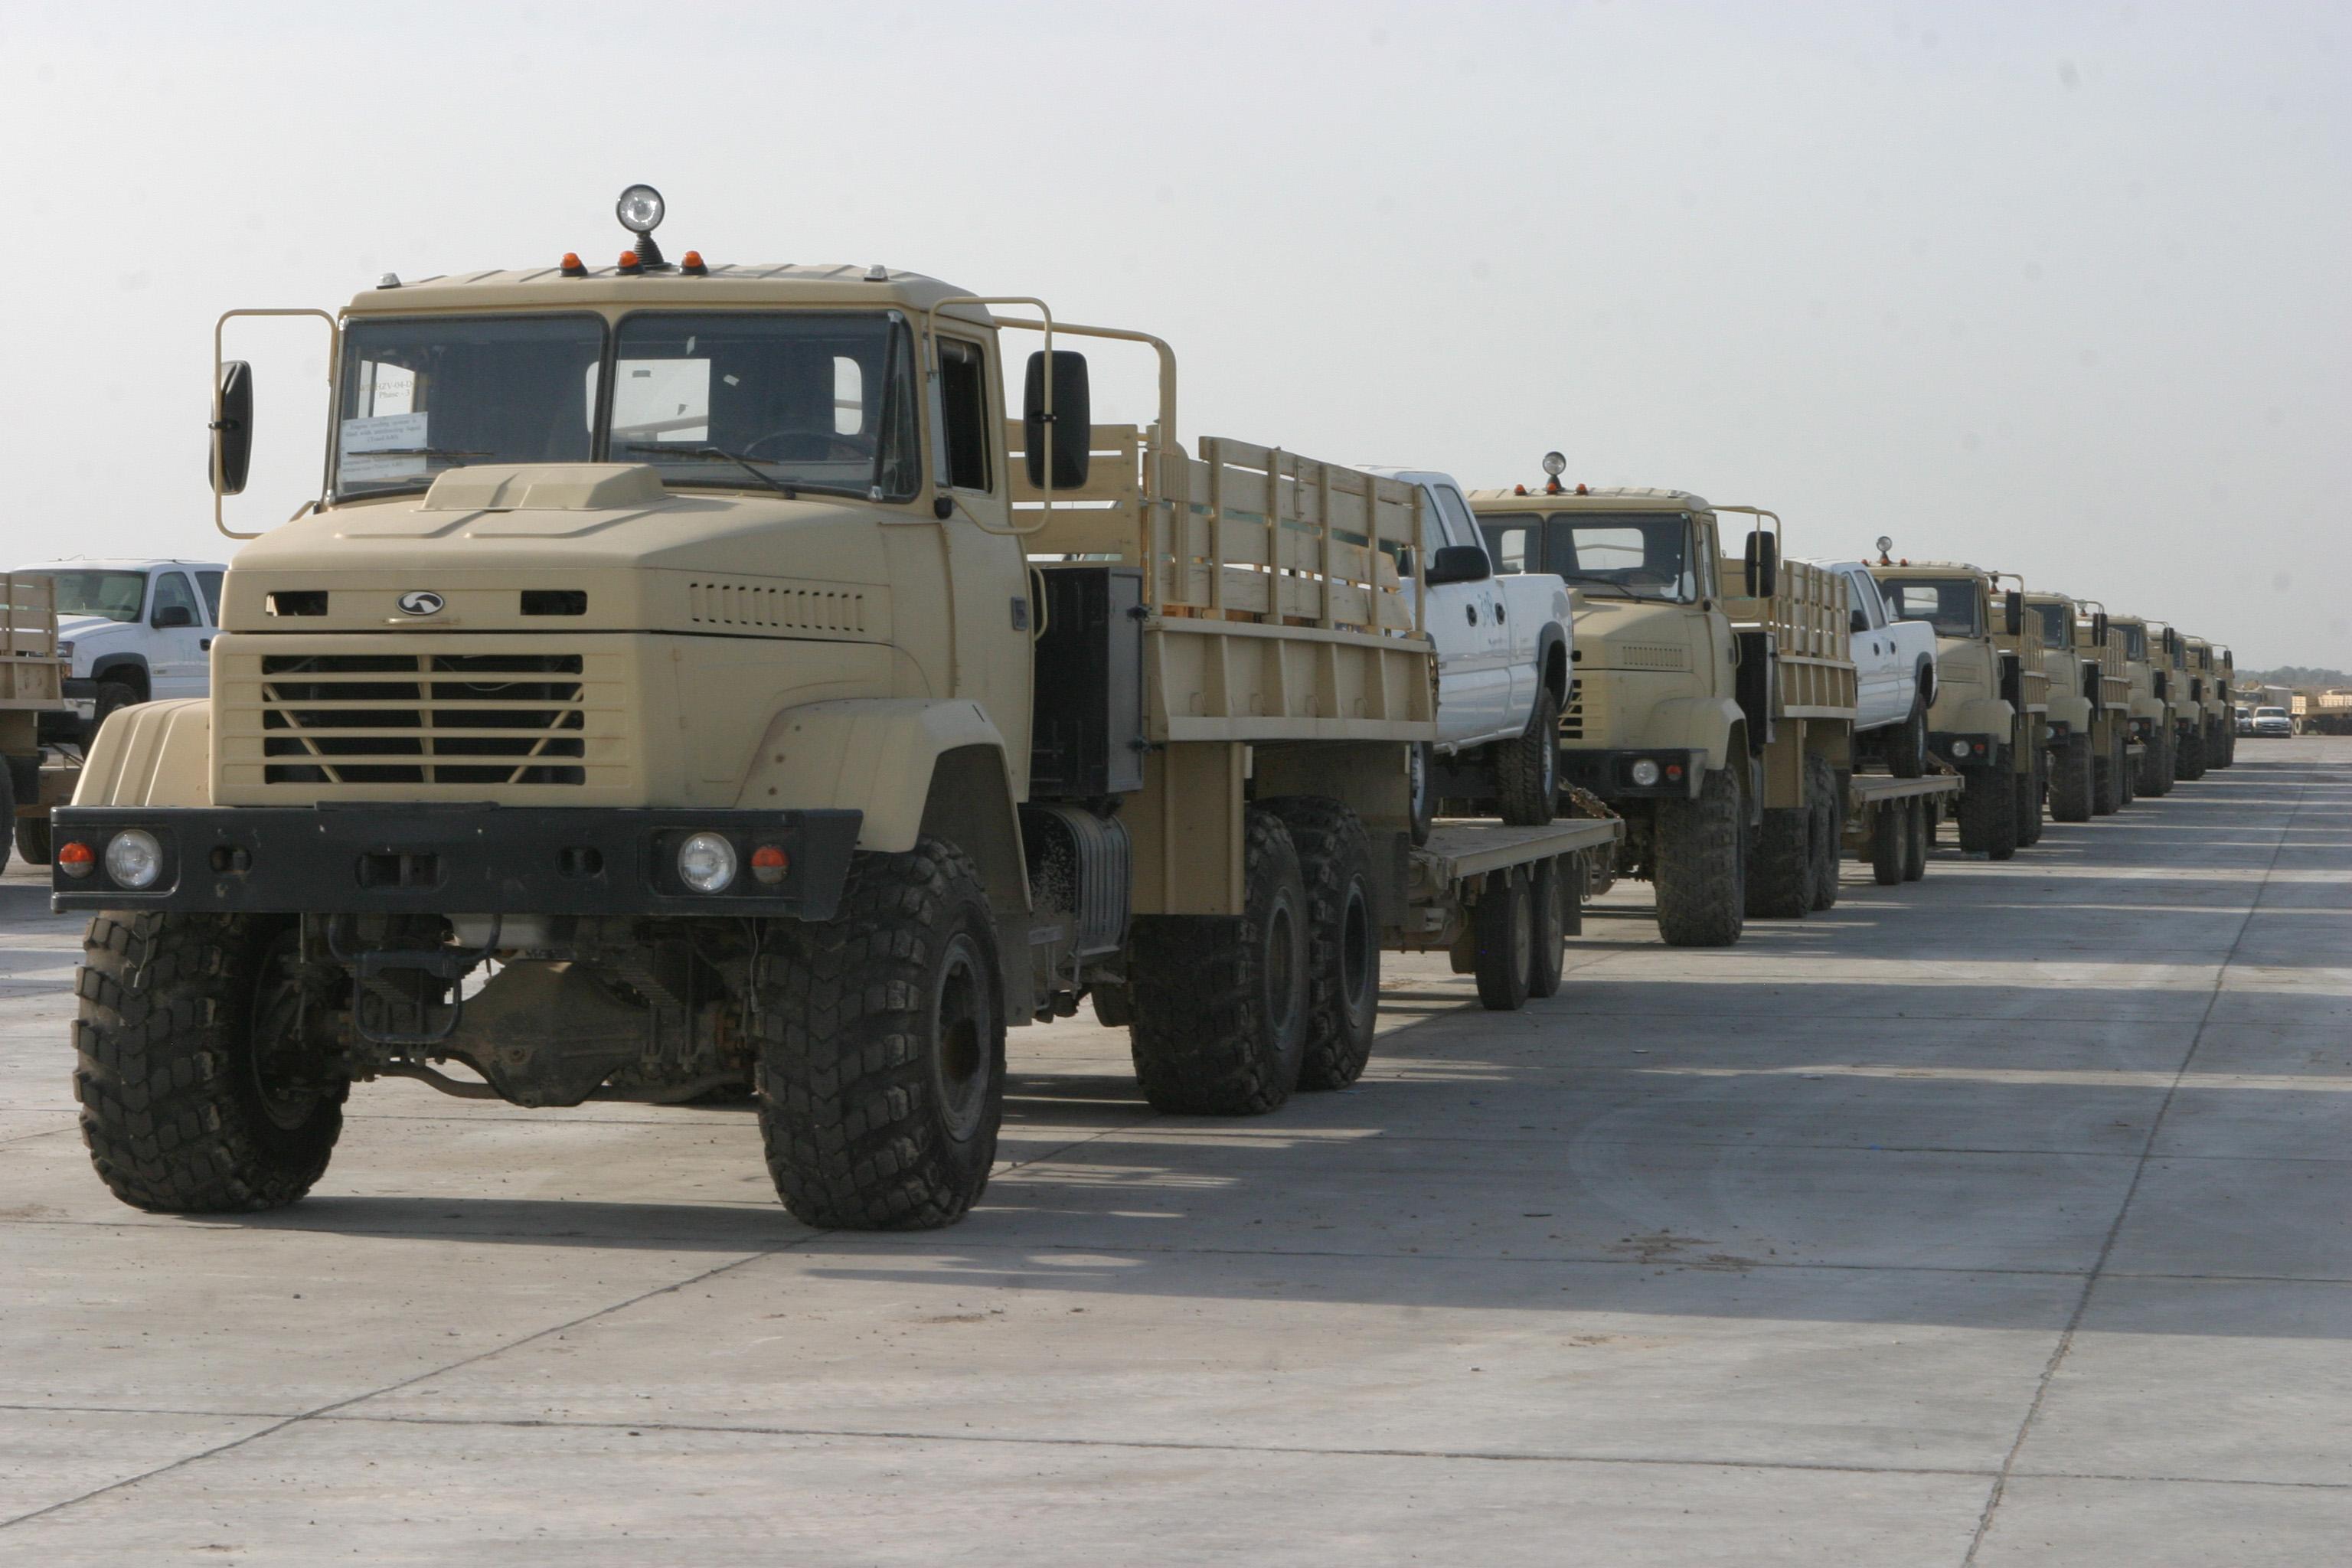 U.s Military Transport Vehicles File:Iraqi KrAZ trucks...